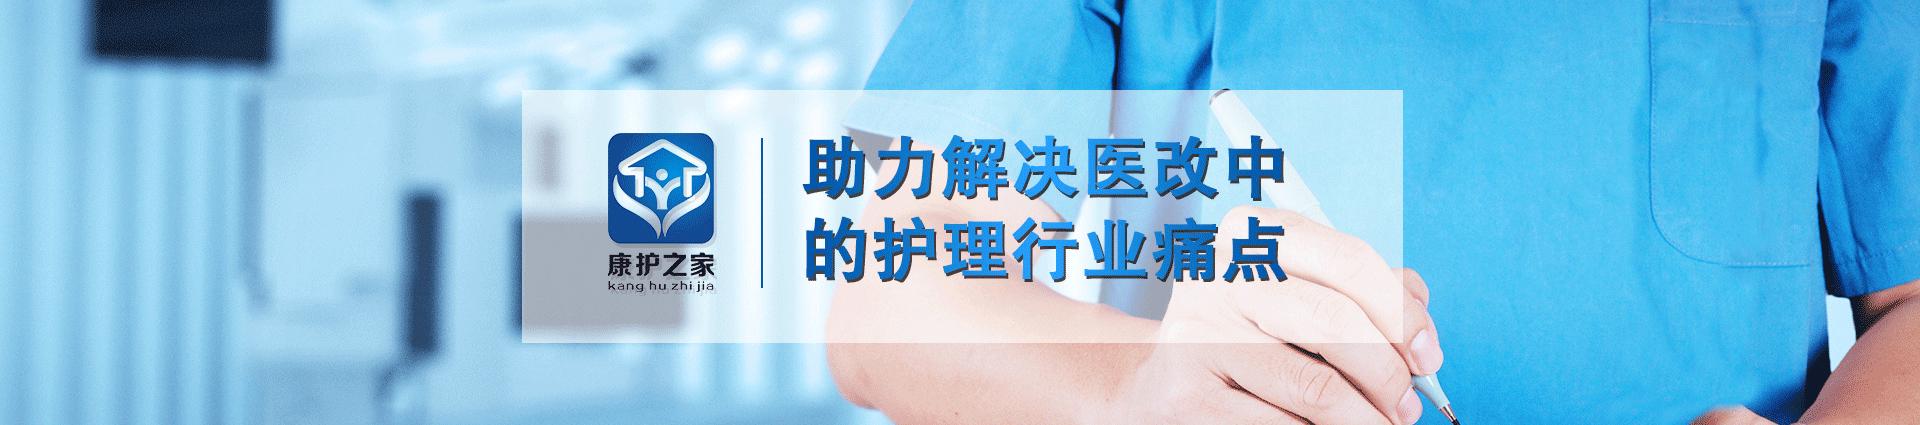 康护之家助力解决医改中的护理行业痛点